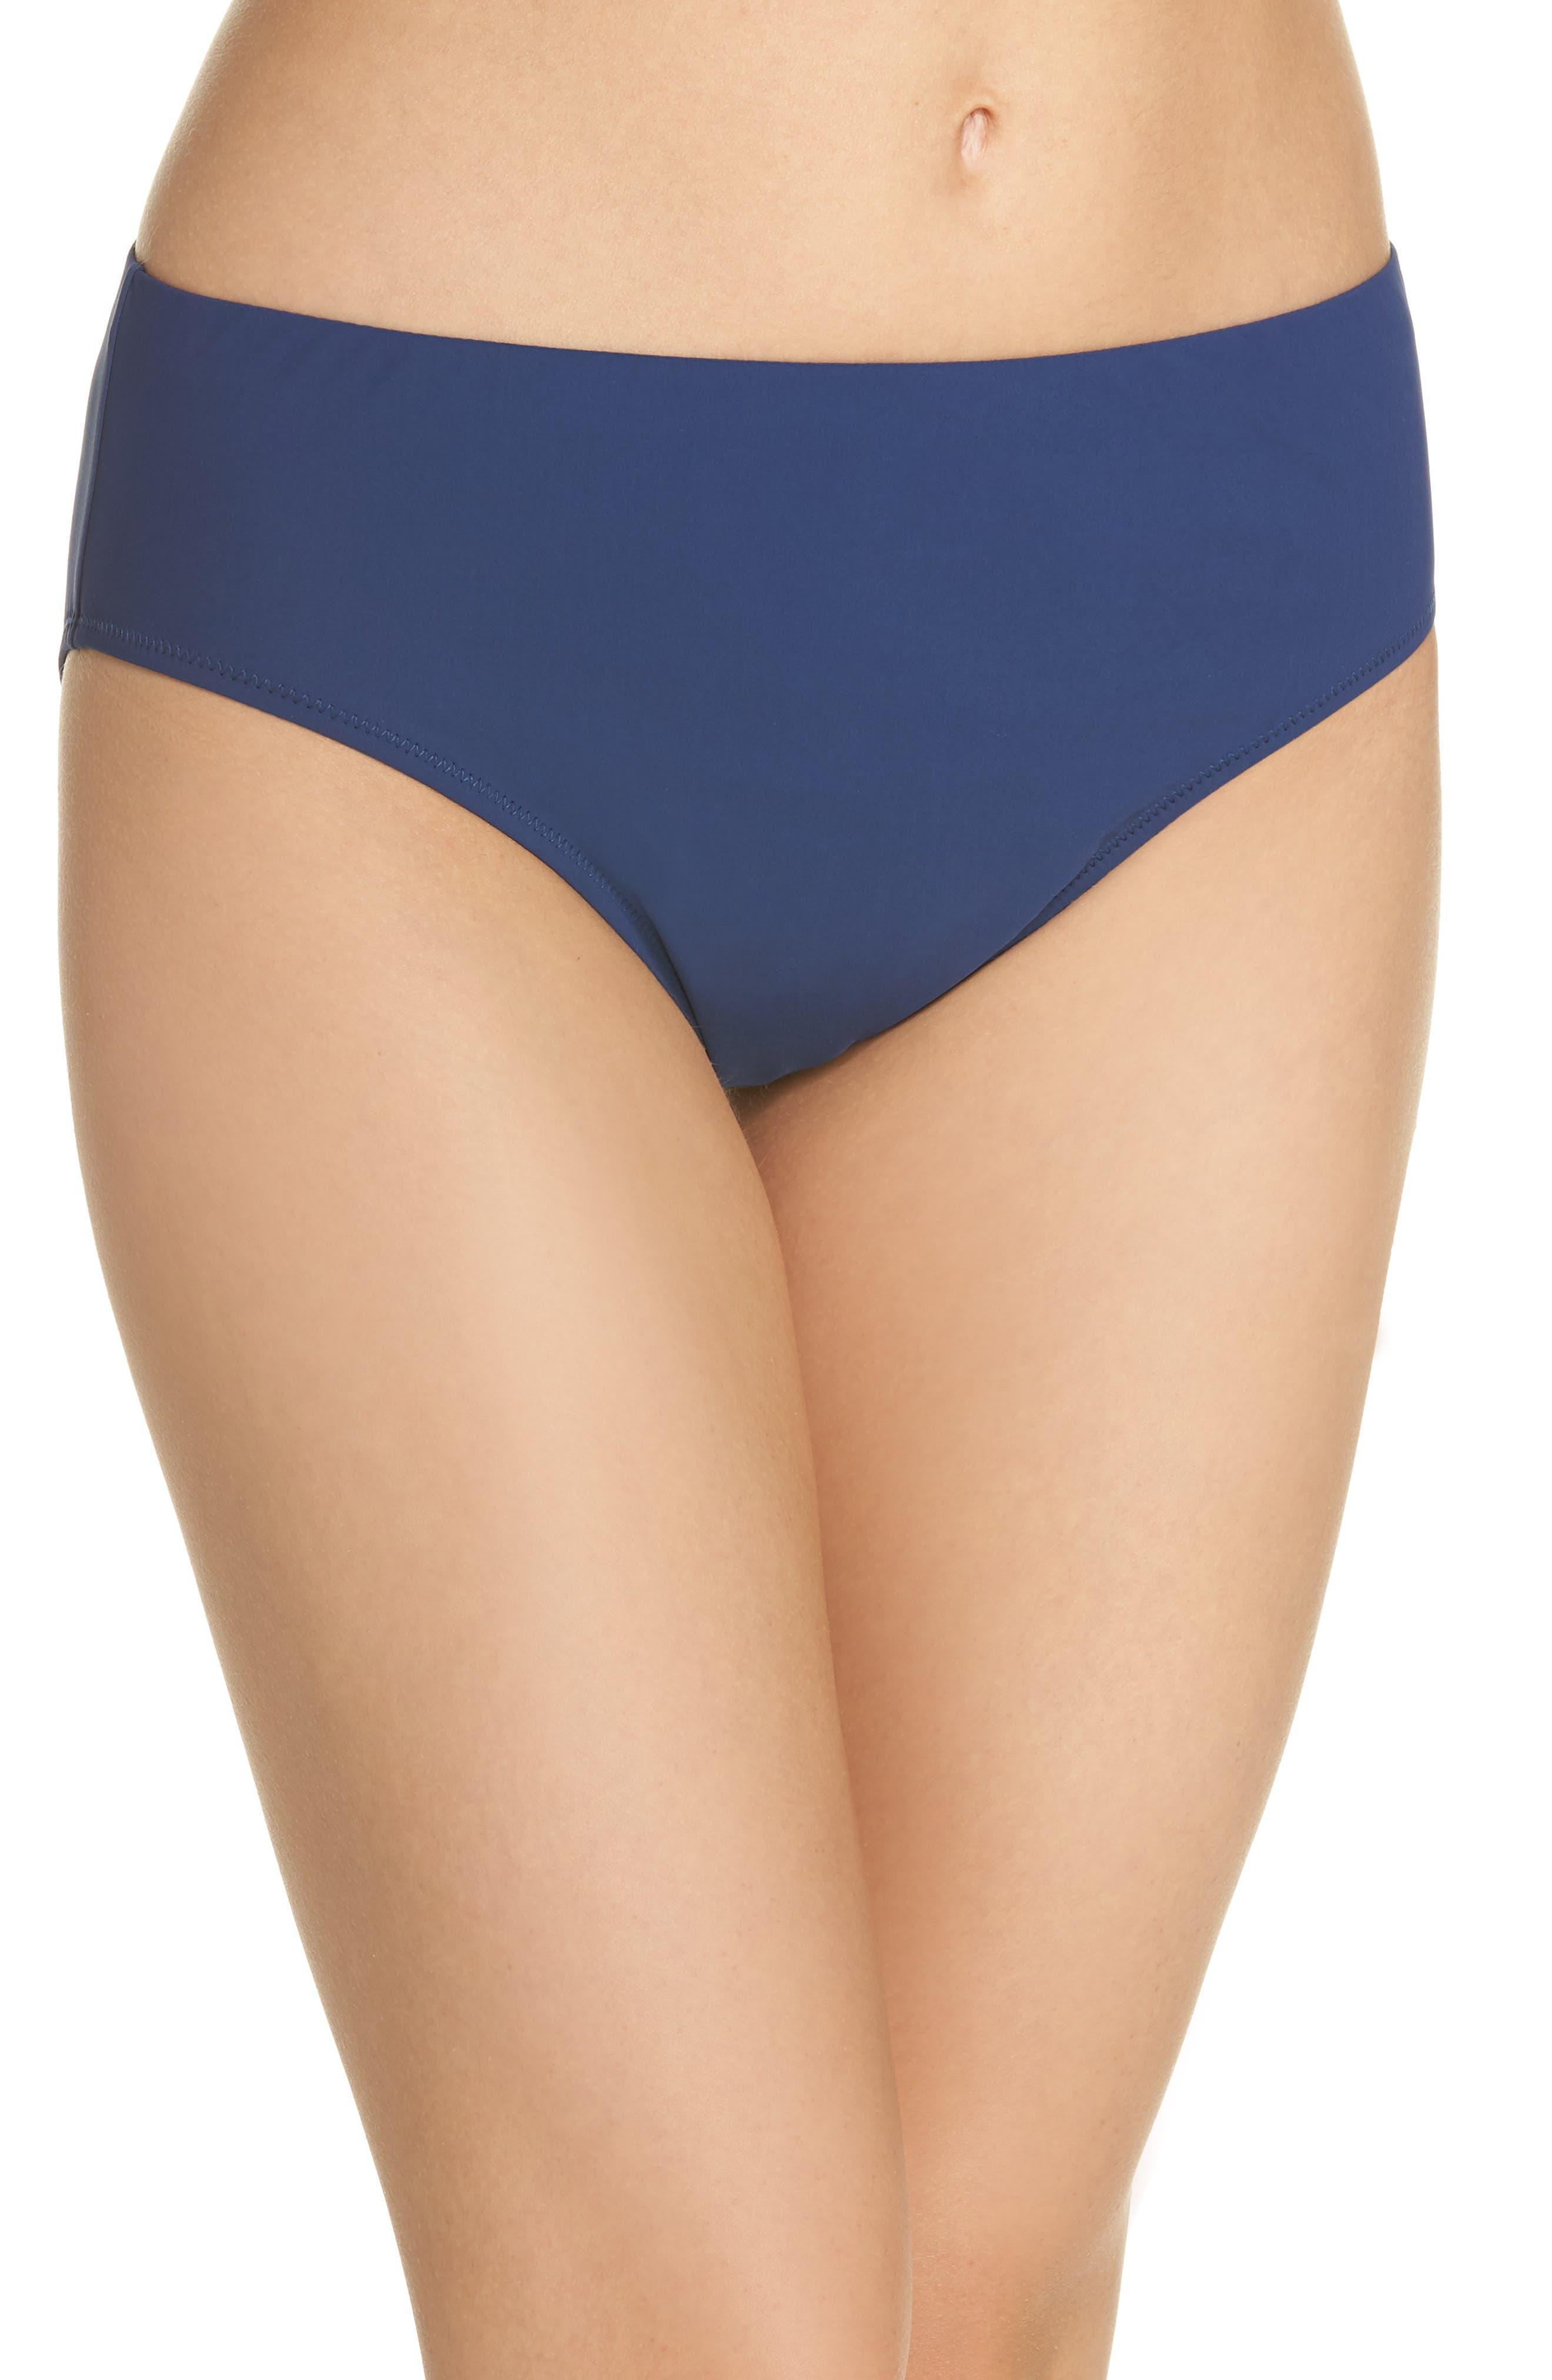 Hipster Bikini Bottoms,                         Main,                         color, 427